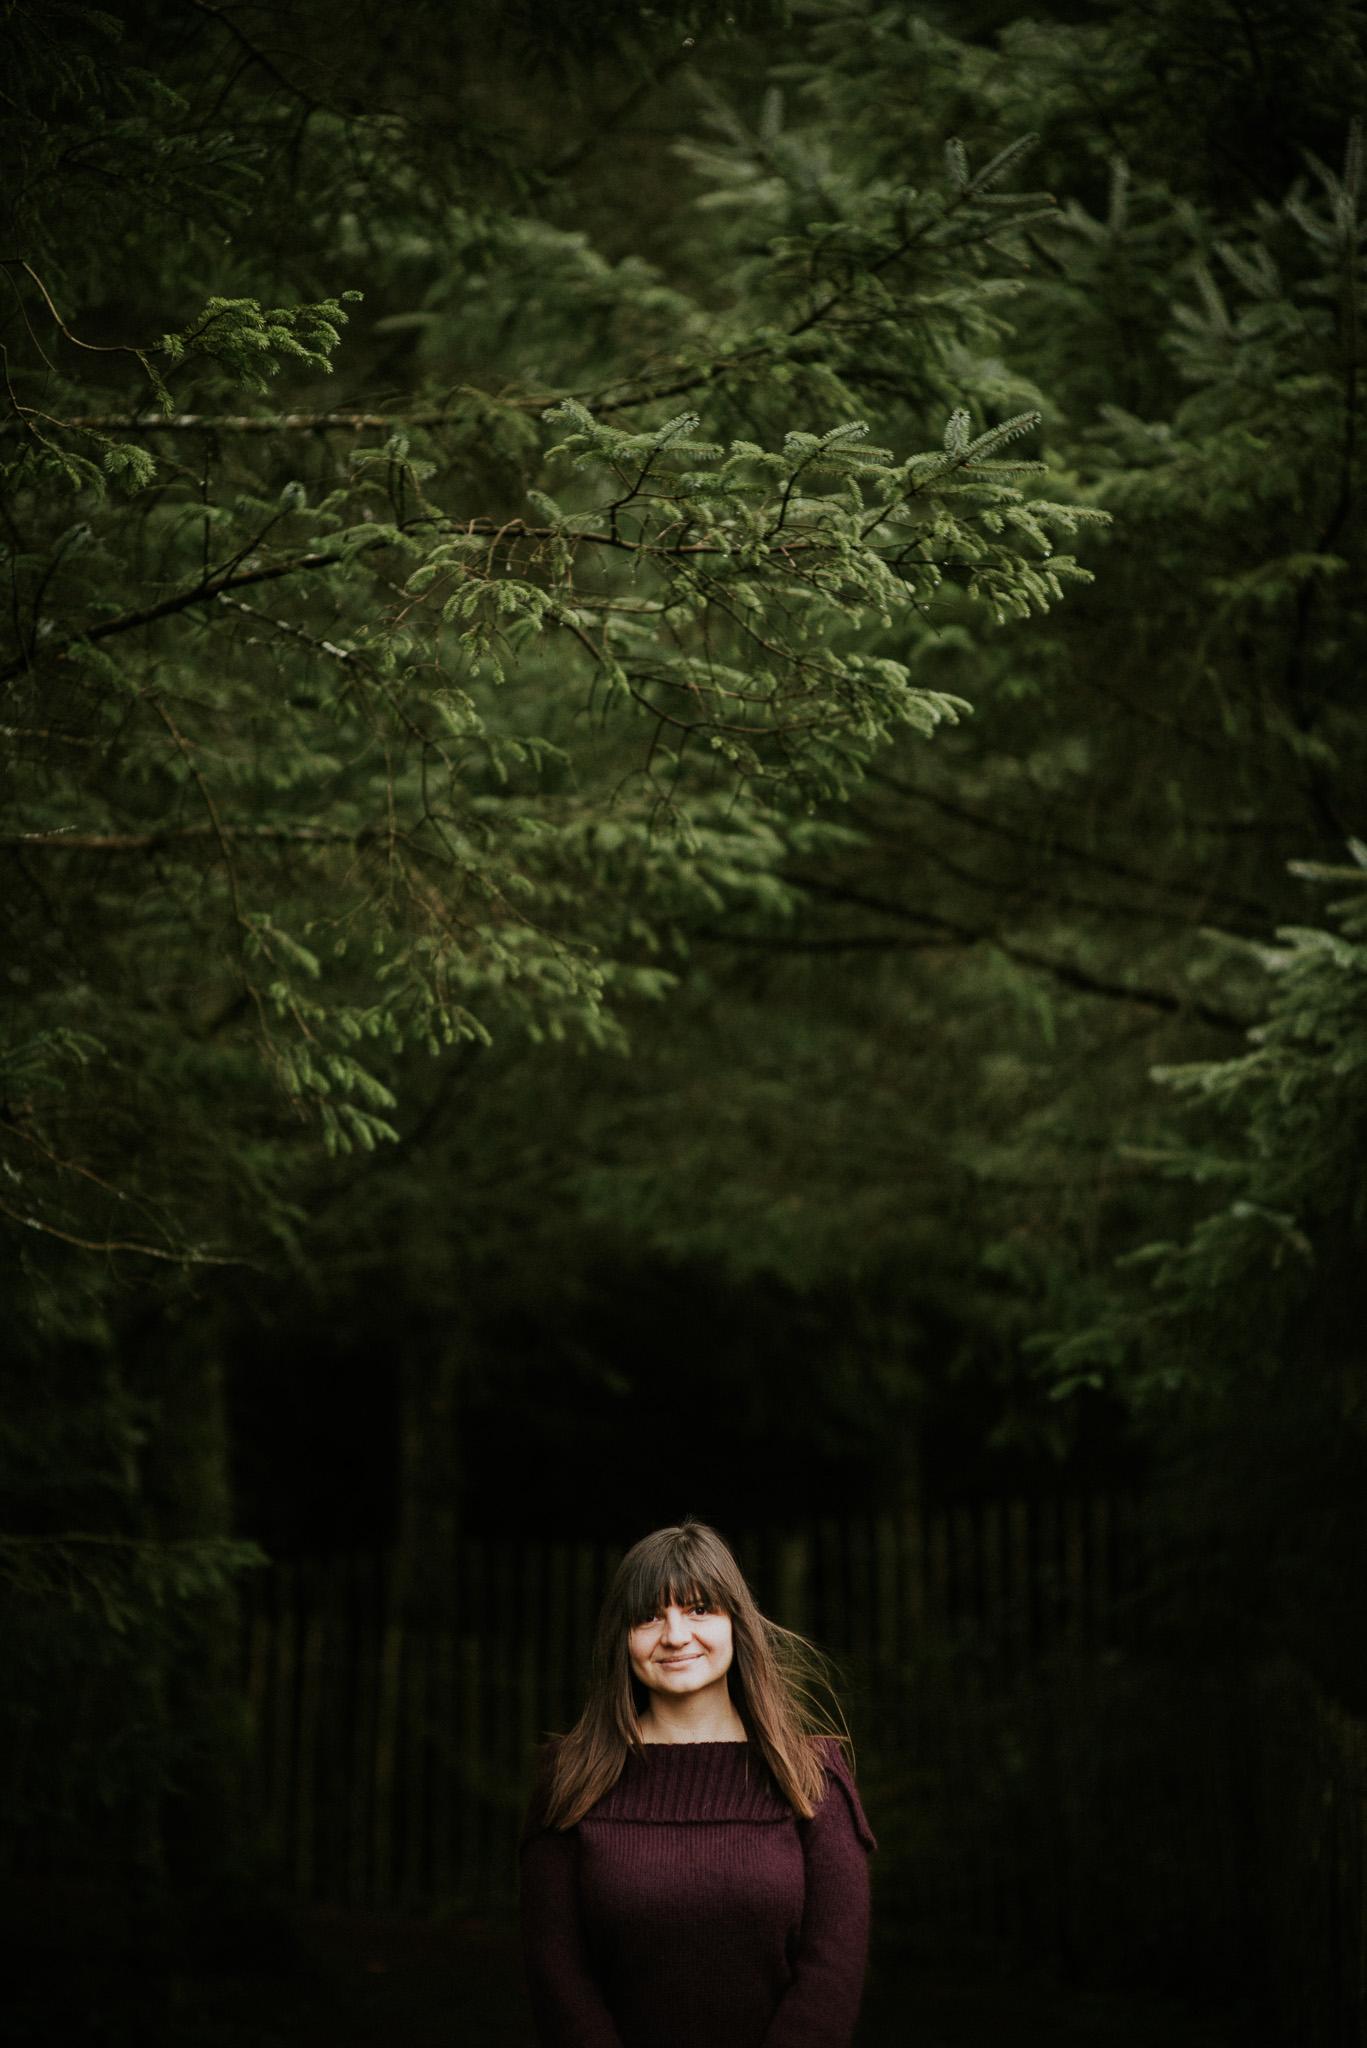 Herefordshire Wedding Photographer Cat Beardsley under the trees